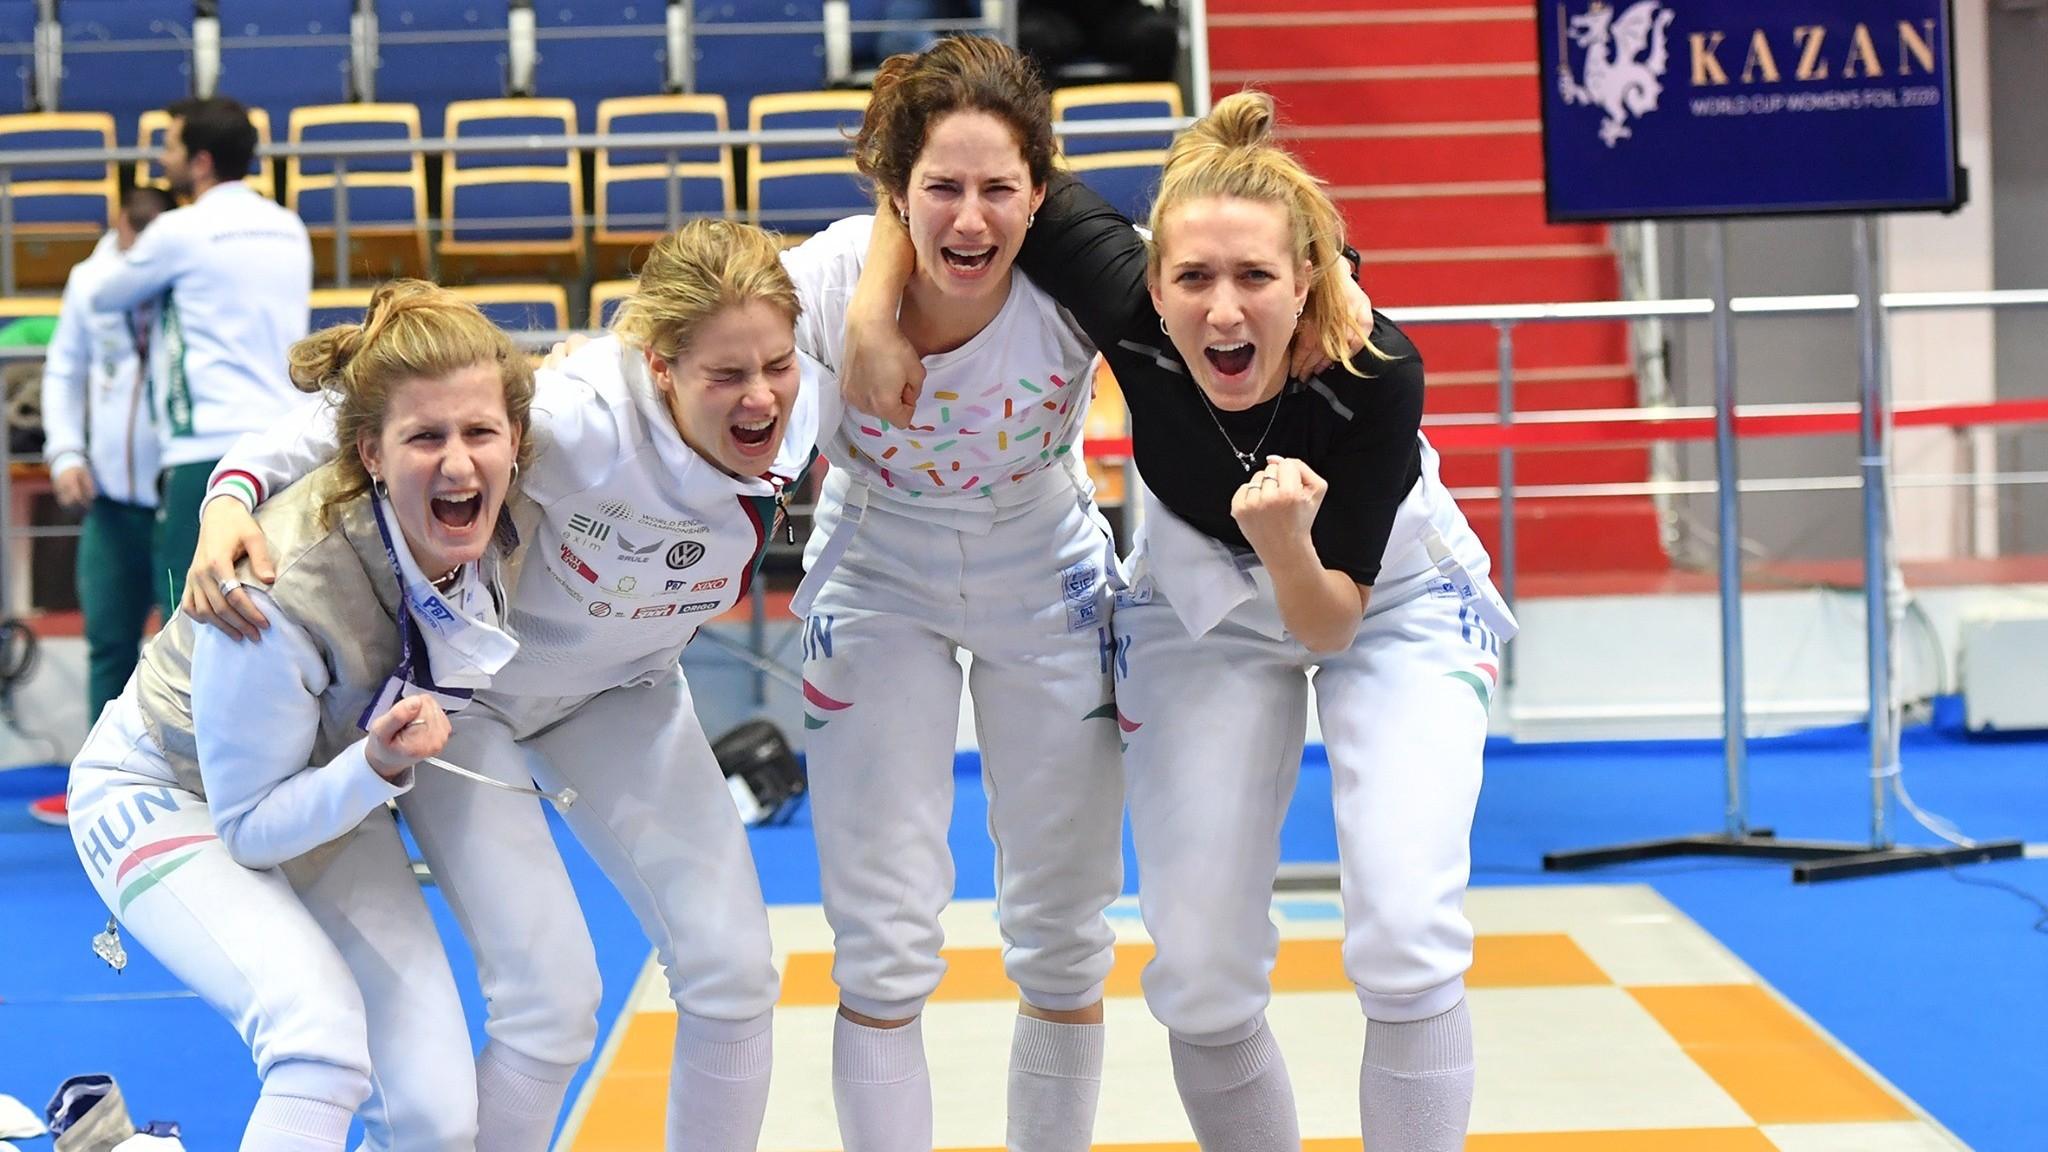 Olimpiai résztvevő a női tőrválogatott